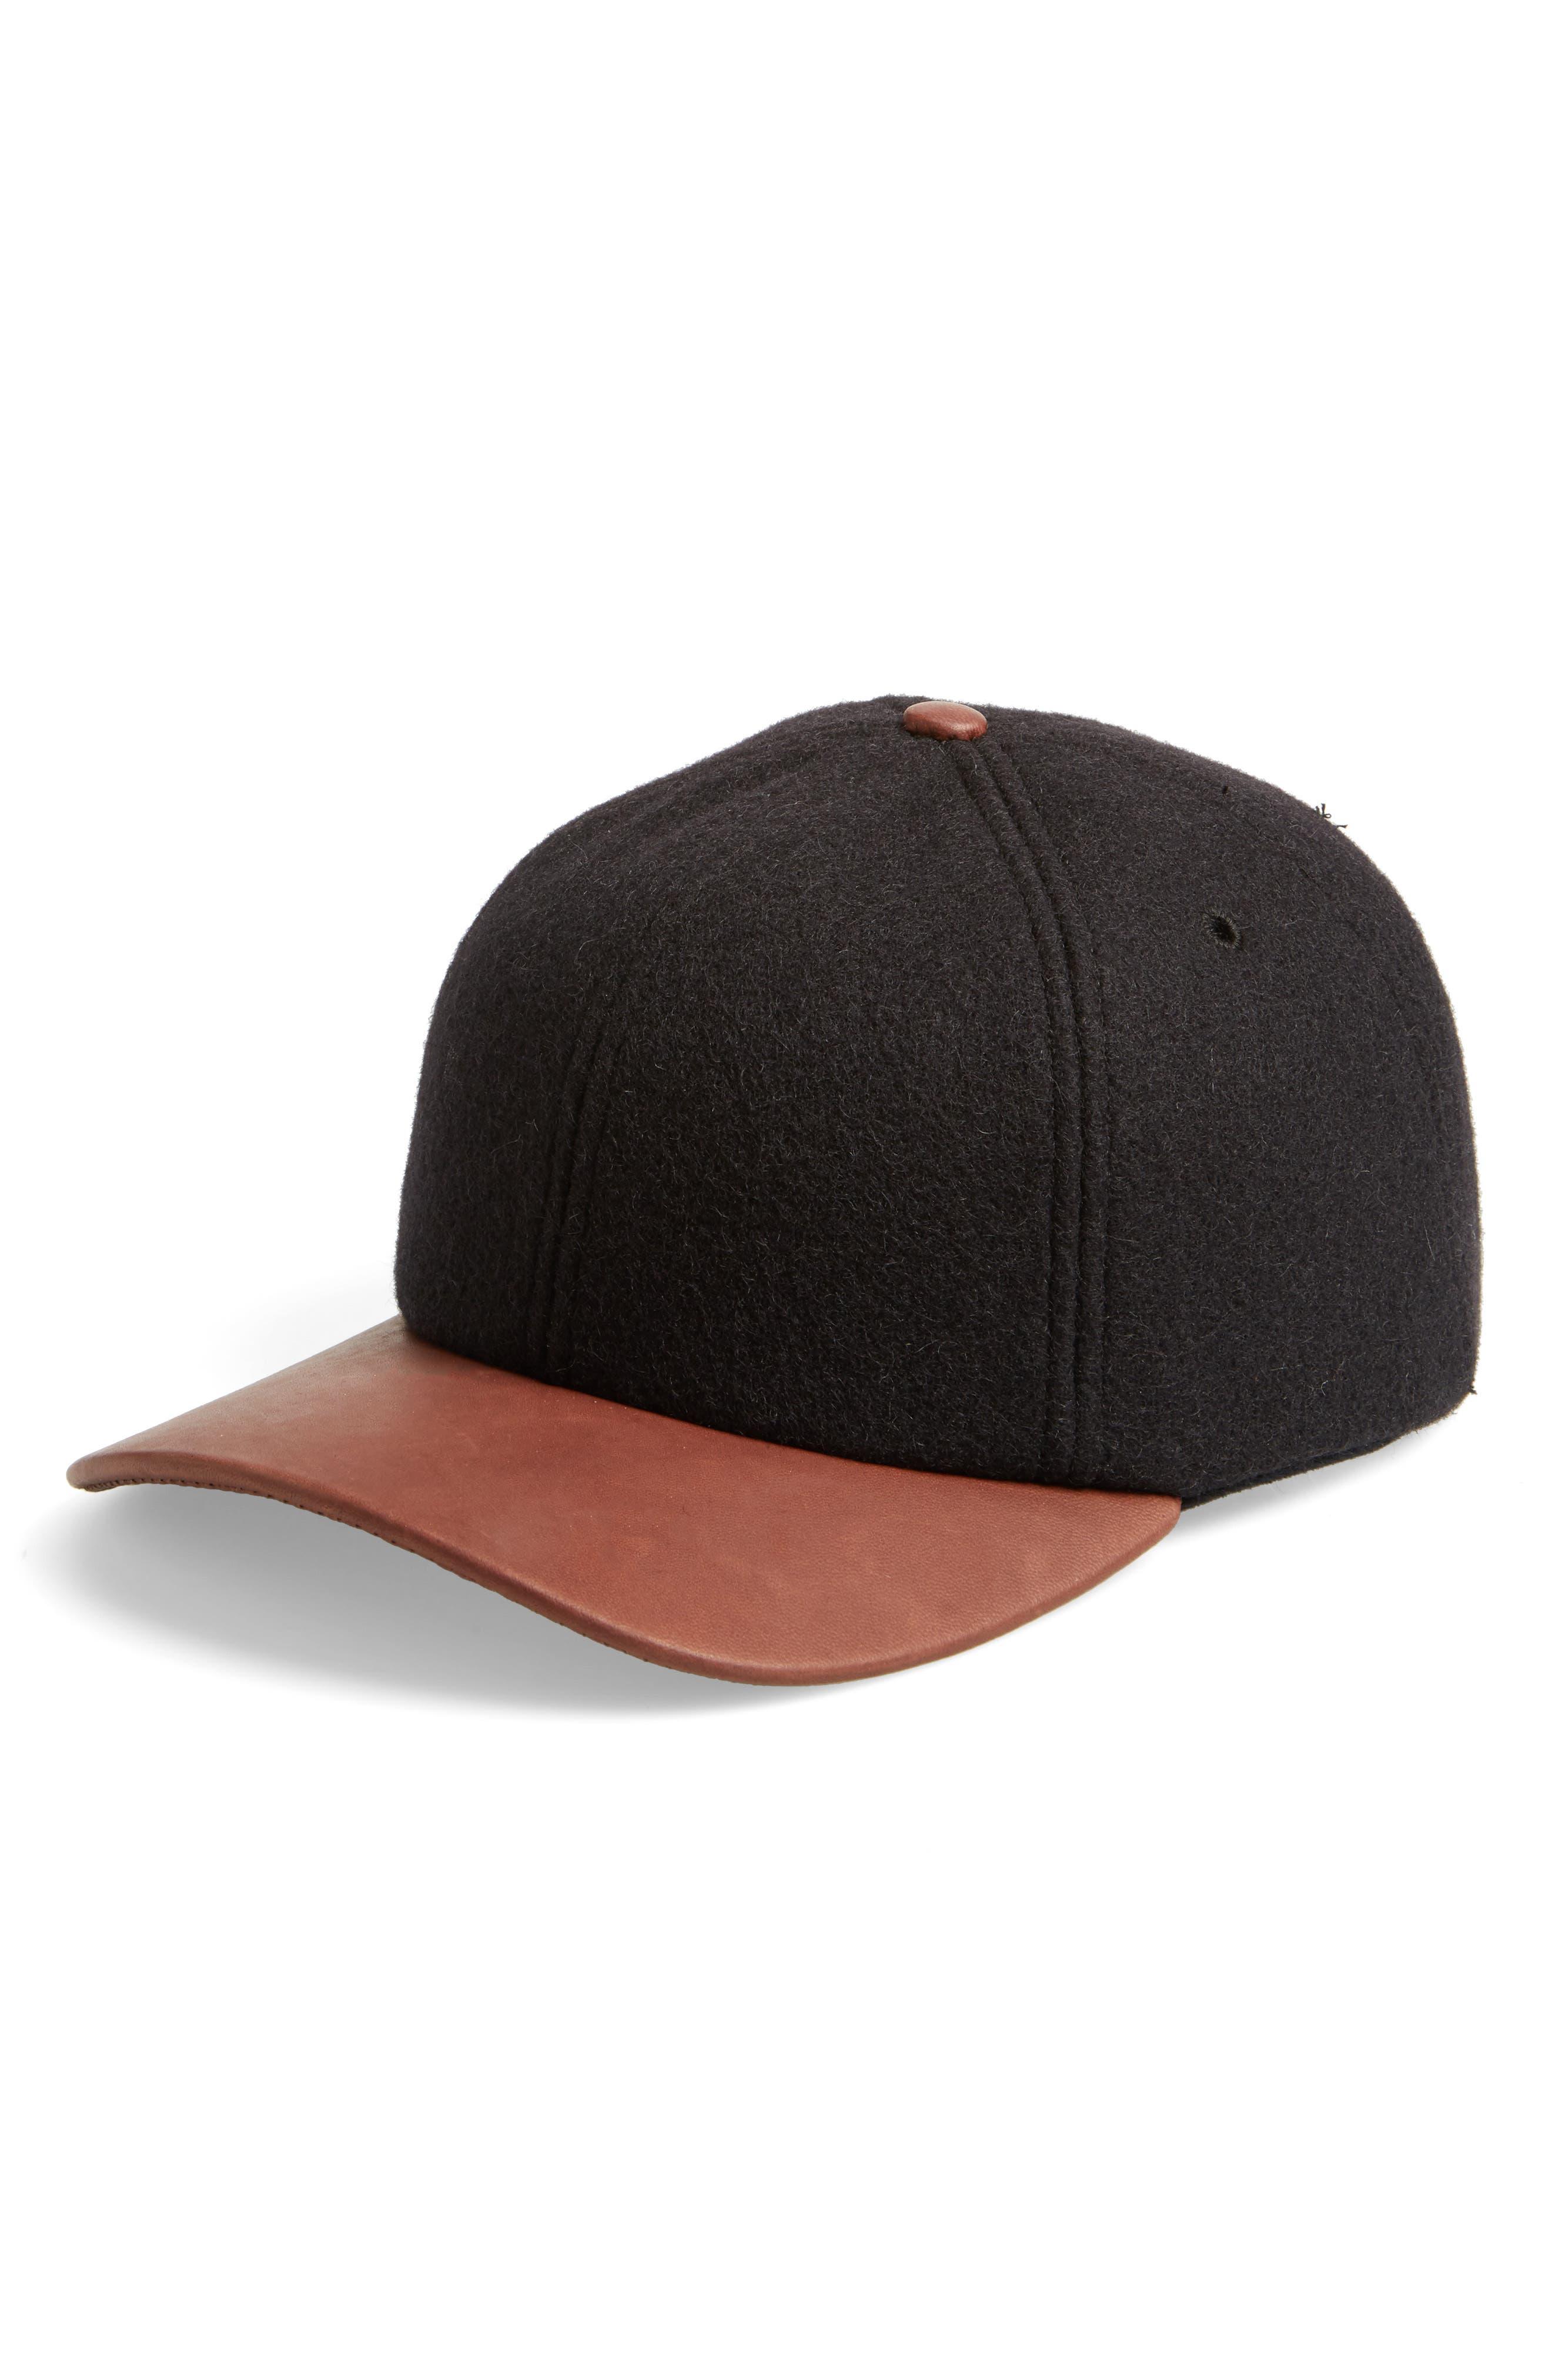 Main Image - Crown Cap Melton Wool Blend Baseball Cap